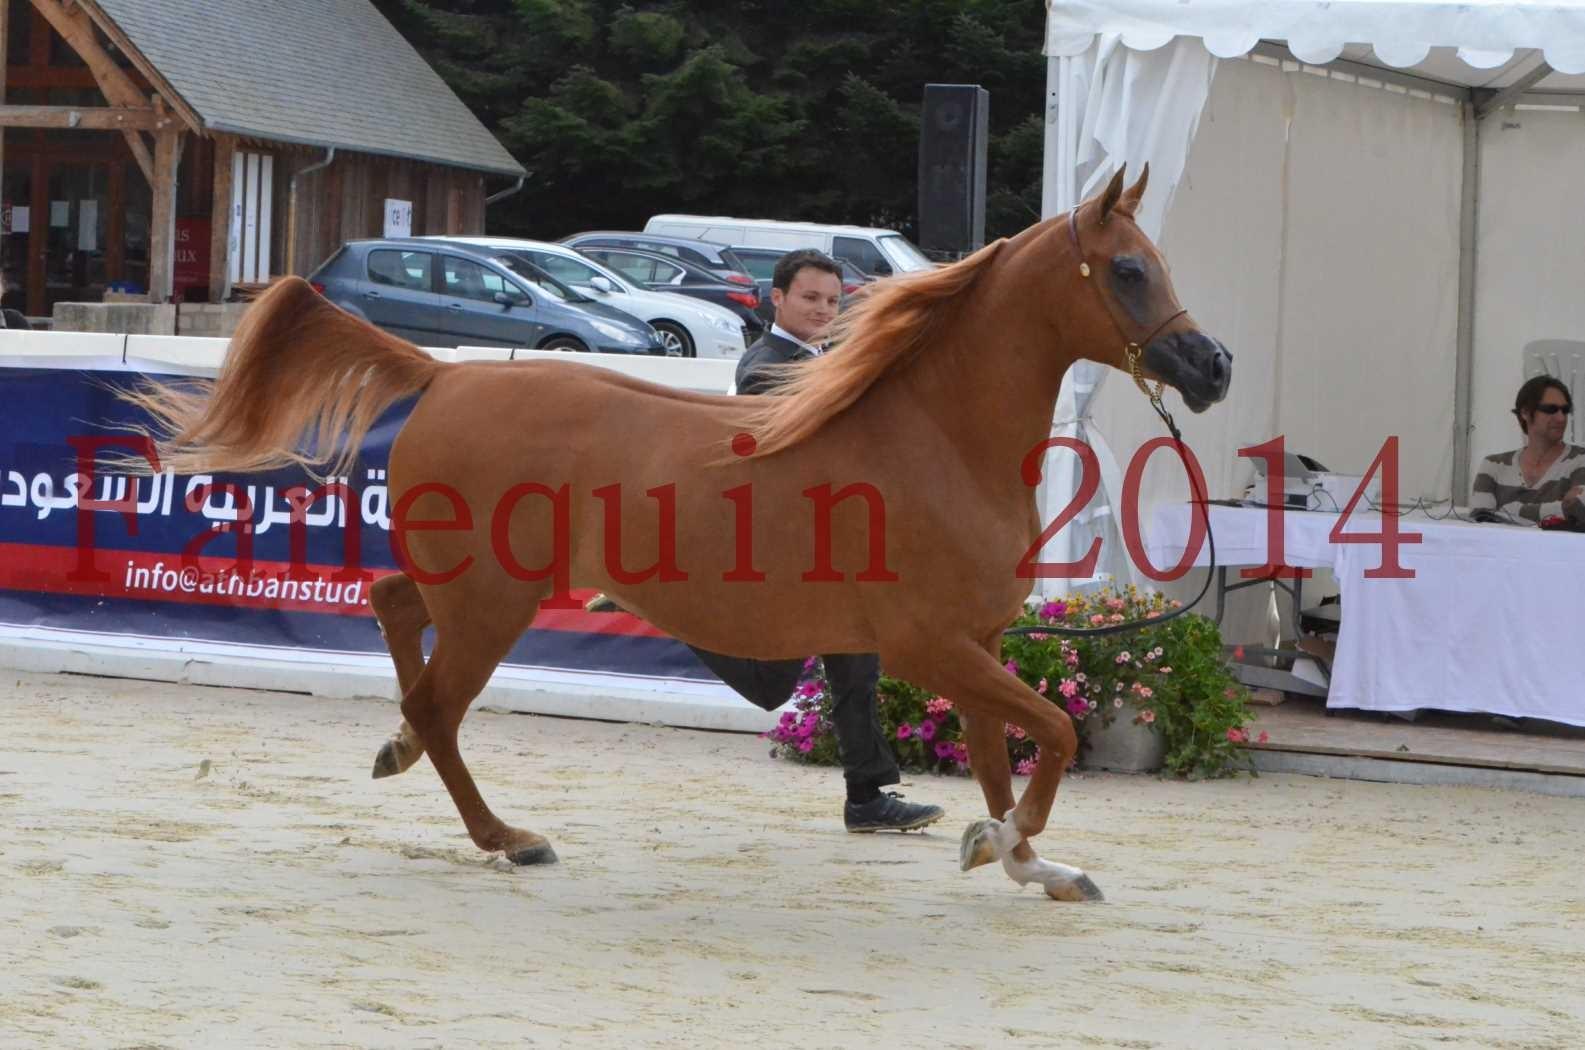 CHAMPIONNAT DE FRANCE 2014 A POMPADOUR - Sélection - LUTFINAH JA - 10